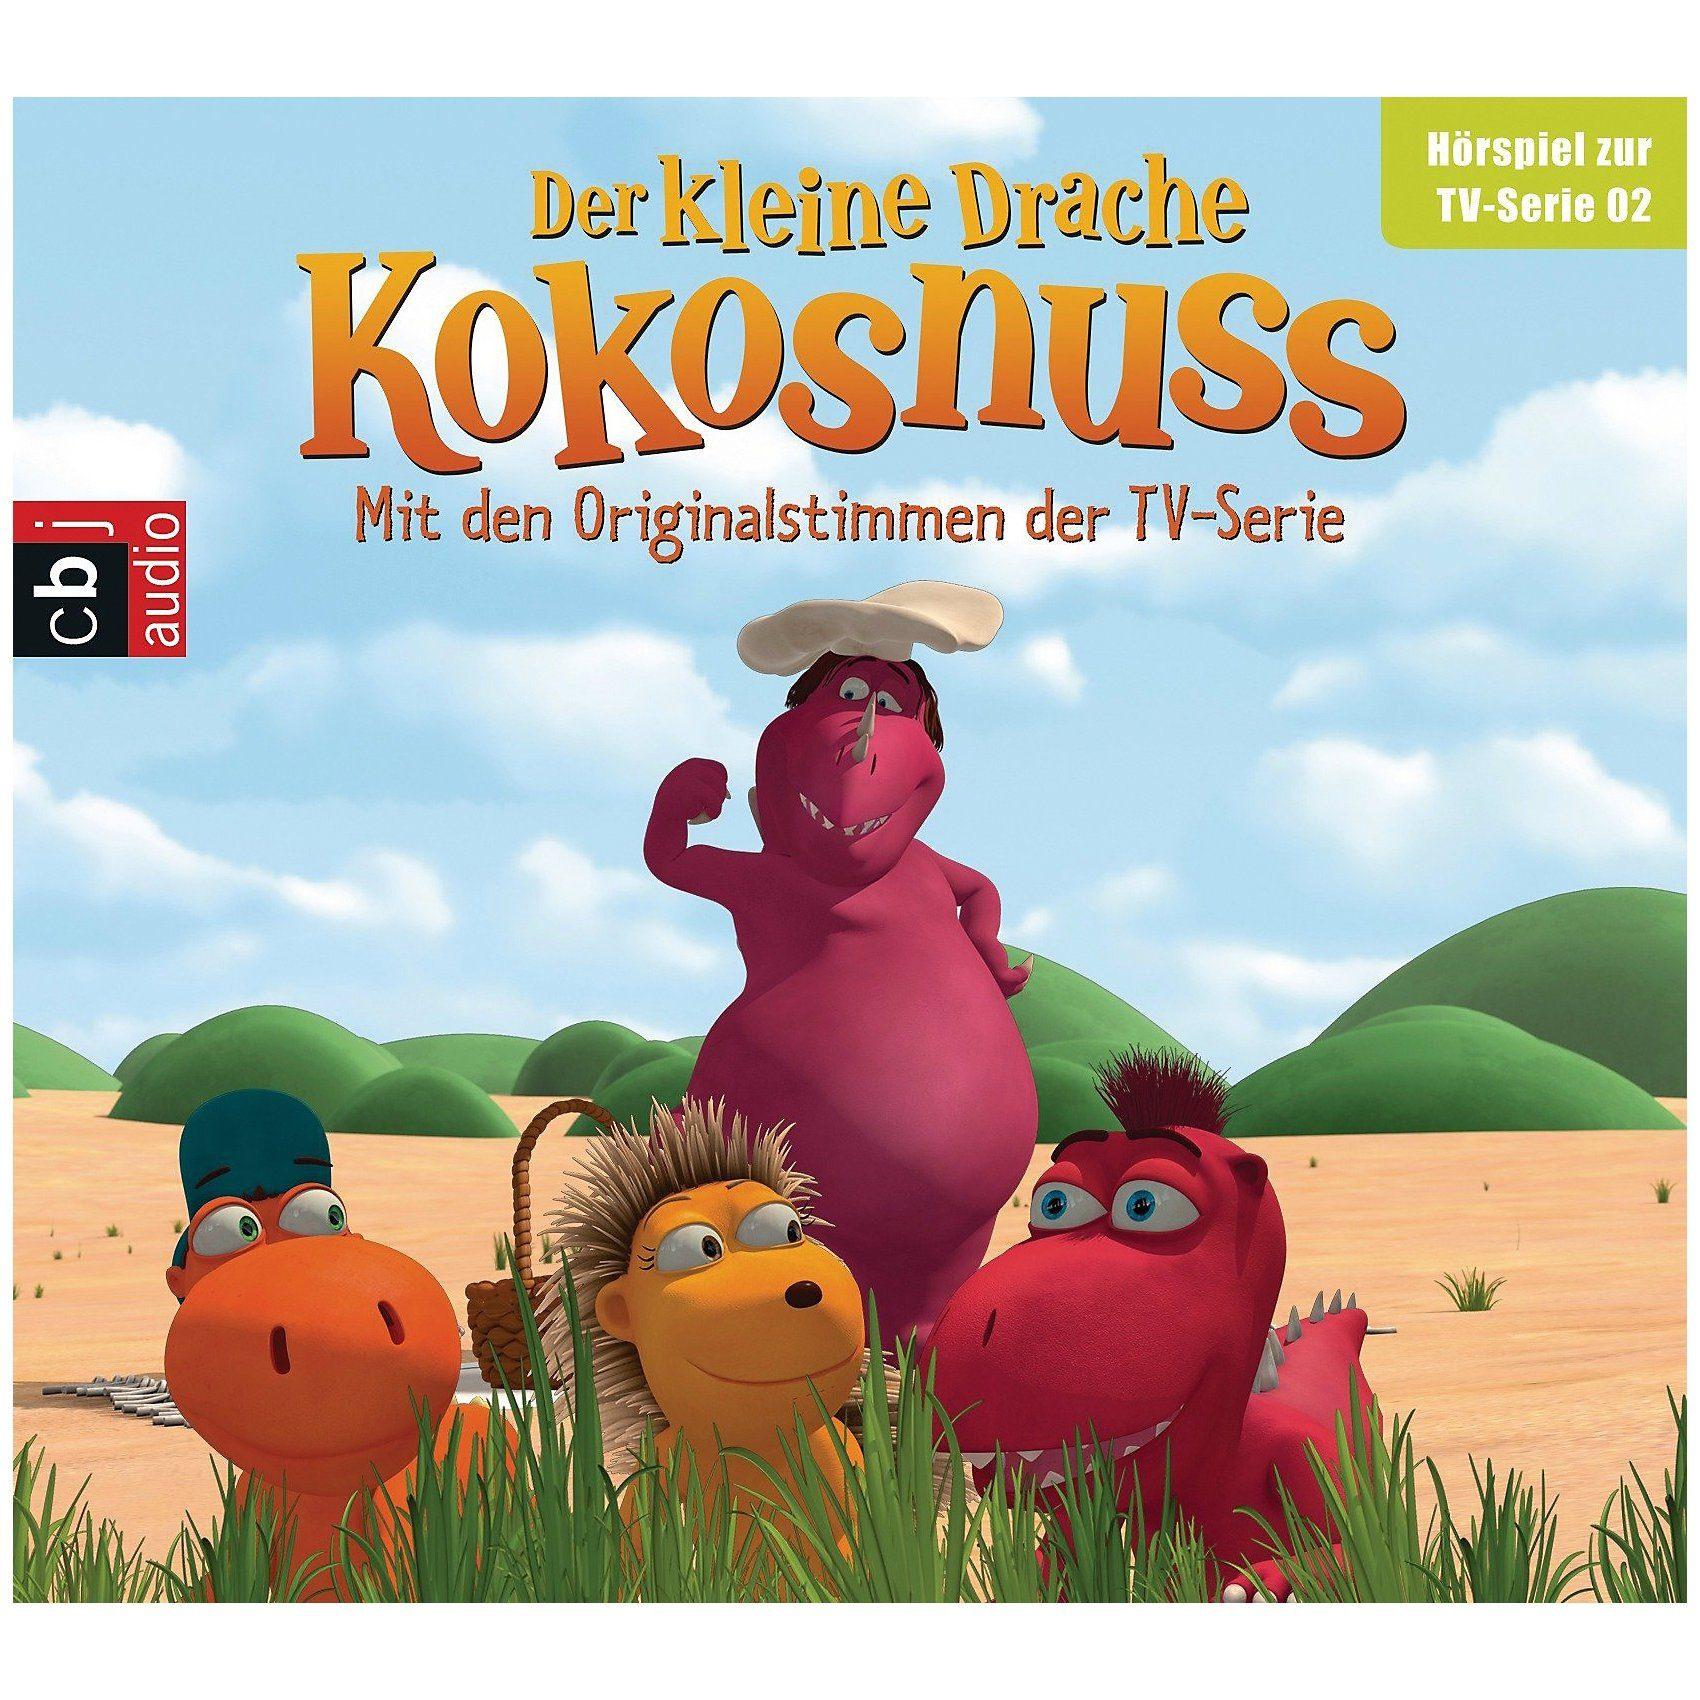 Edel CD Der kleine Drache Kokosnuss 2 (Hörspiel zur TV-Serie)